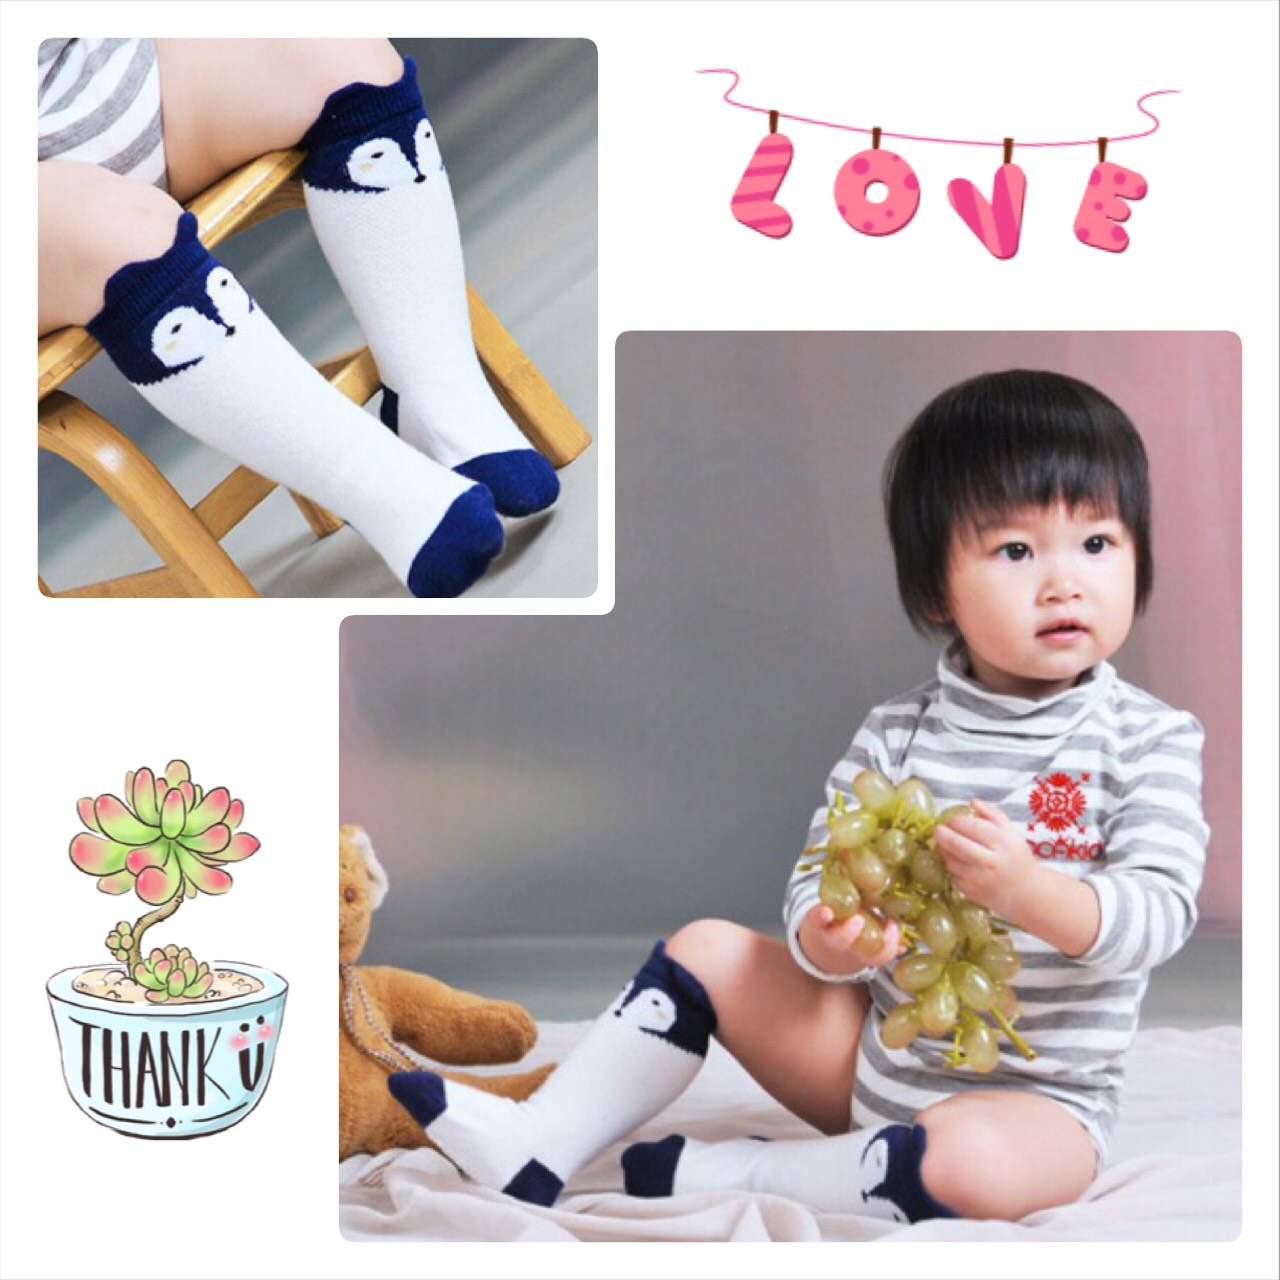 SK106••ถุงเท้าเด็ก•• จิ้งจอก/สีขาว (ข้อยาว)